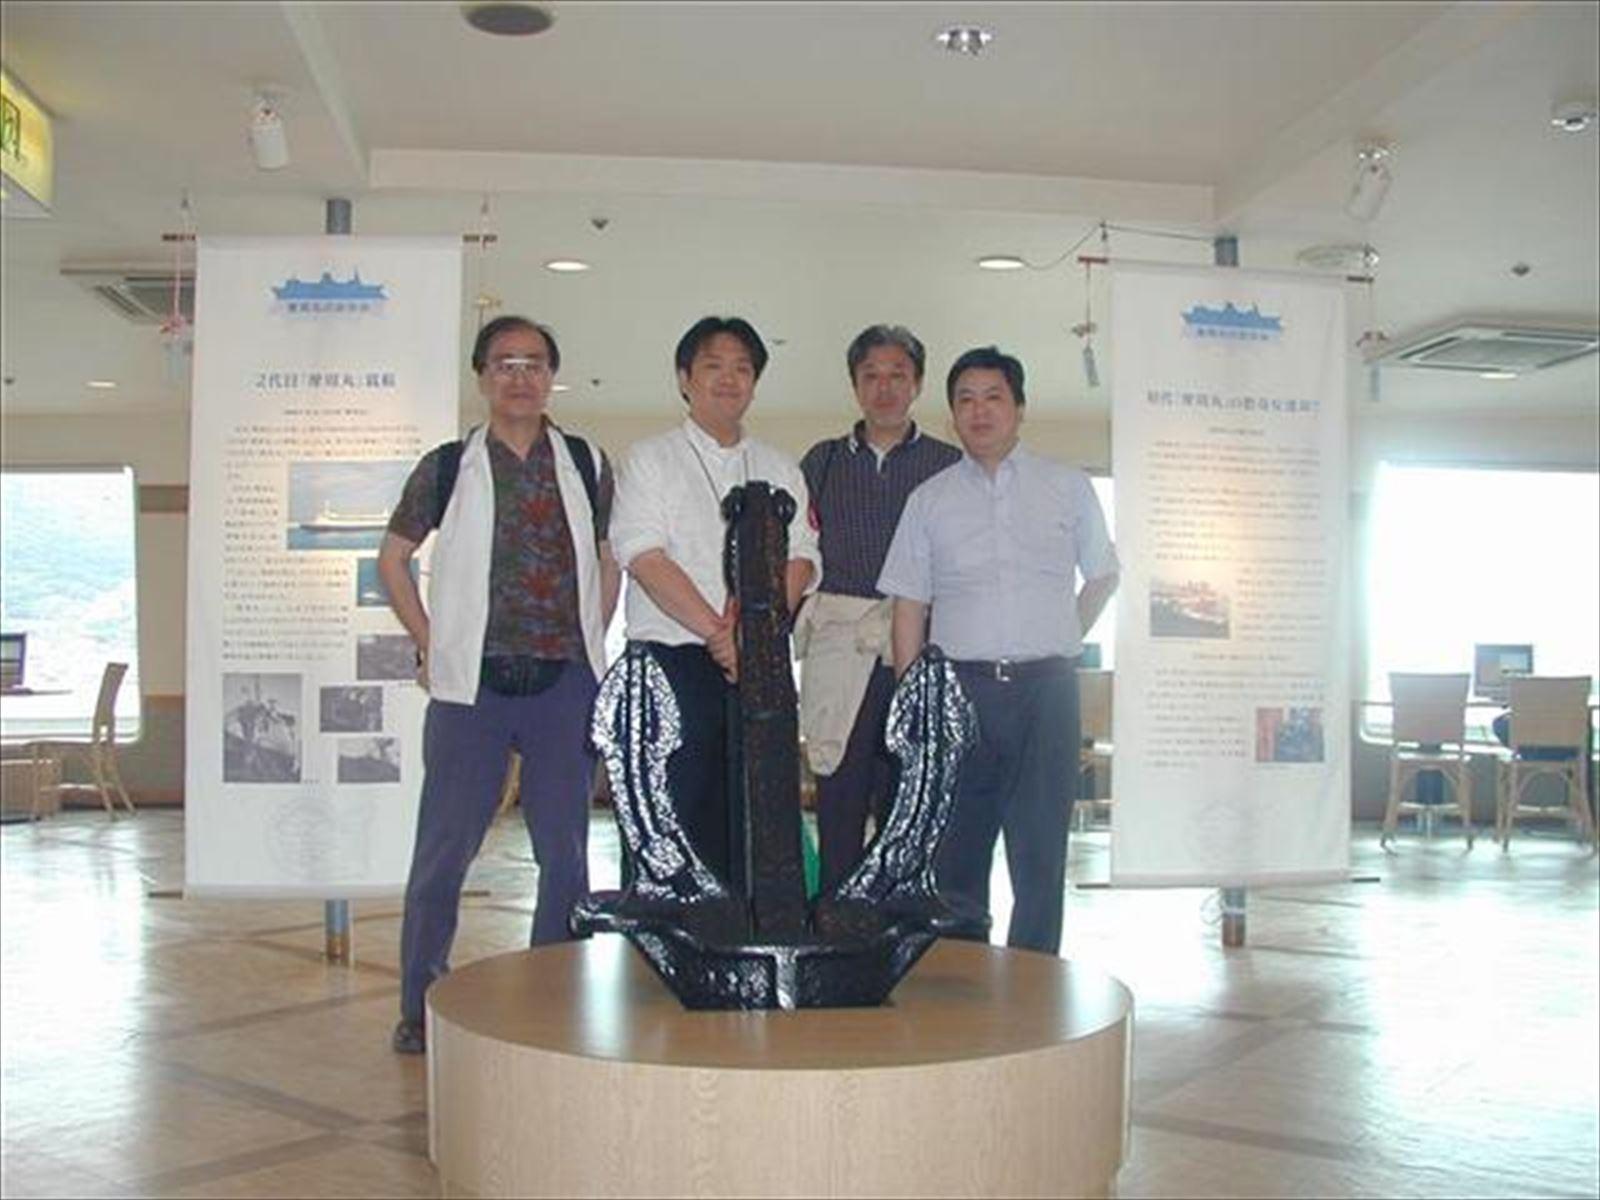 2006-07-17_16.35.24小倉 (小).JPG